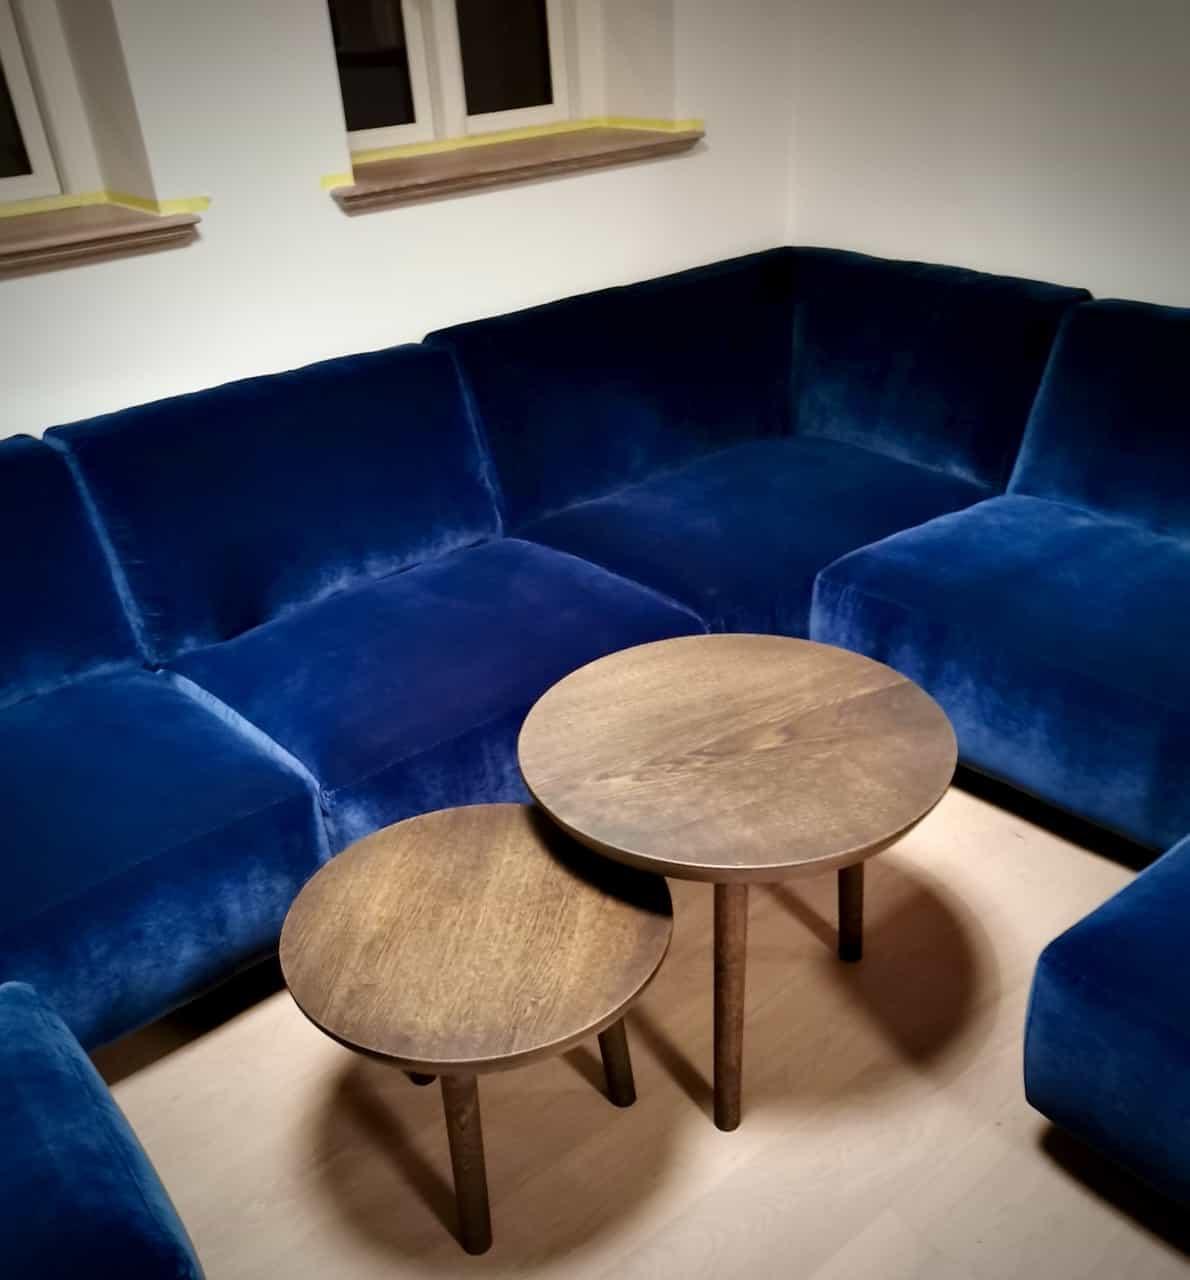 Vin sengebord talerstol seng hylde sofa skrivebord 11